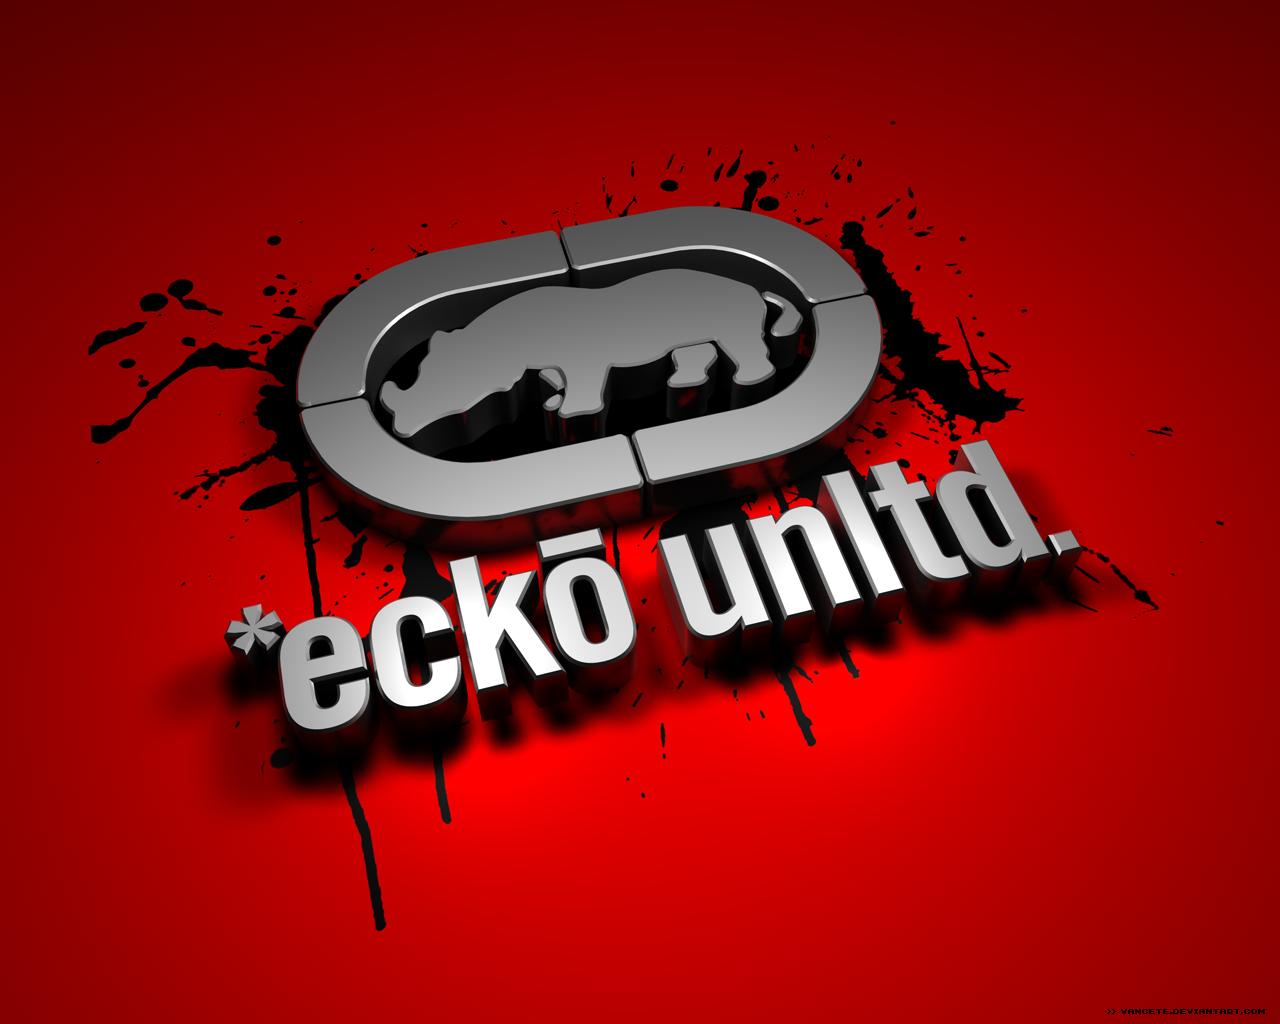 http://2.bp.blogspot.com/_B8K67ry0U4Q/TDDxqpCtKFI/AAAAAAAAAIQ/-arfSdB3tZ0/s1600/Red_Ecko_Unltd_Wallpaper_by_Vancete.png